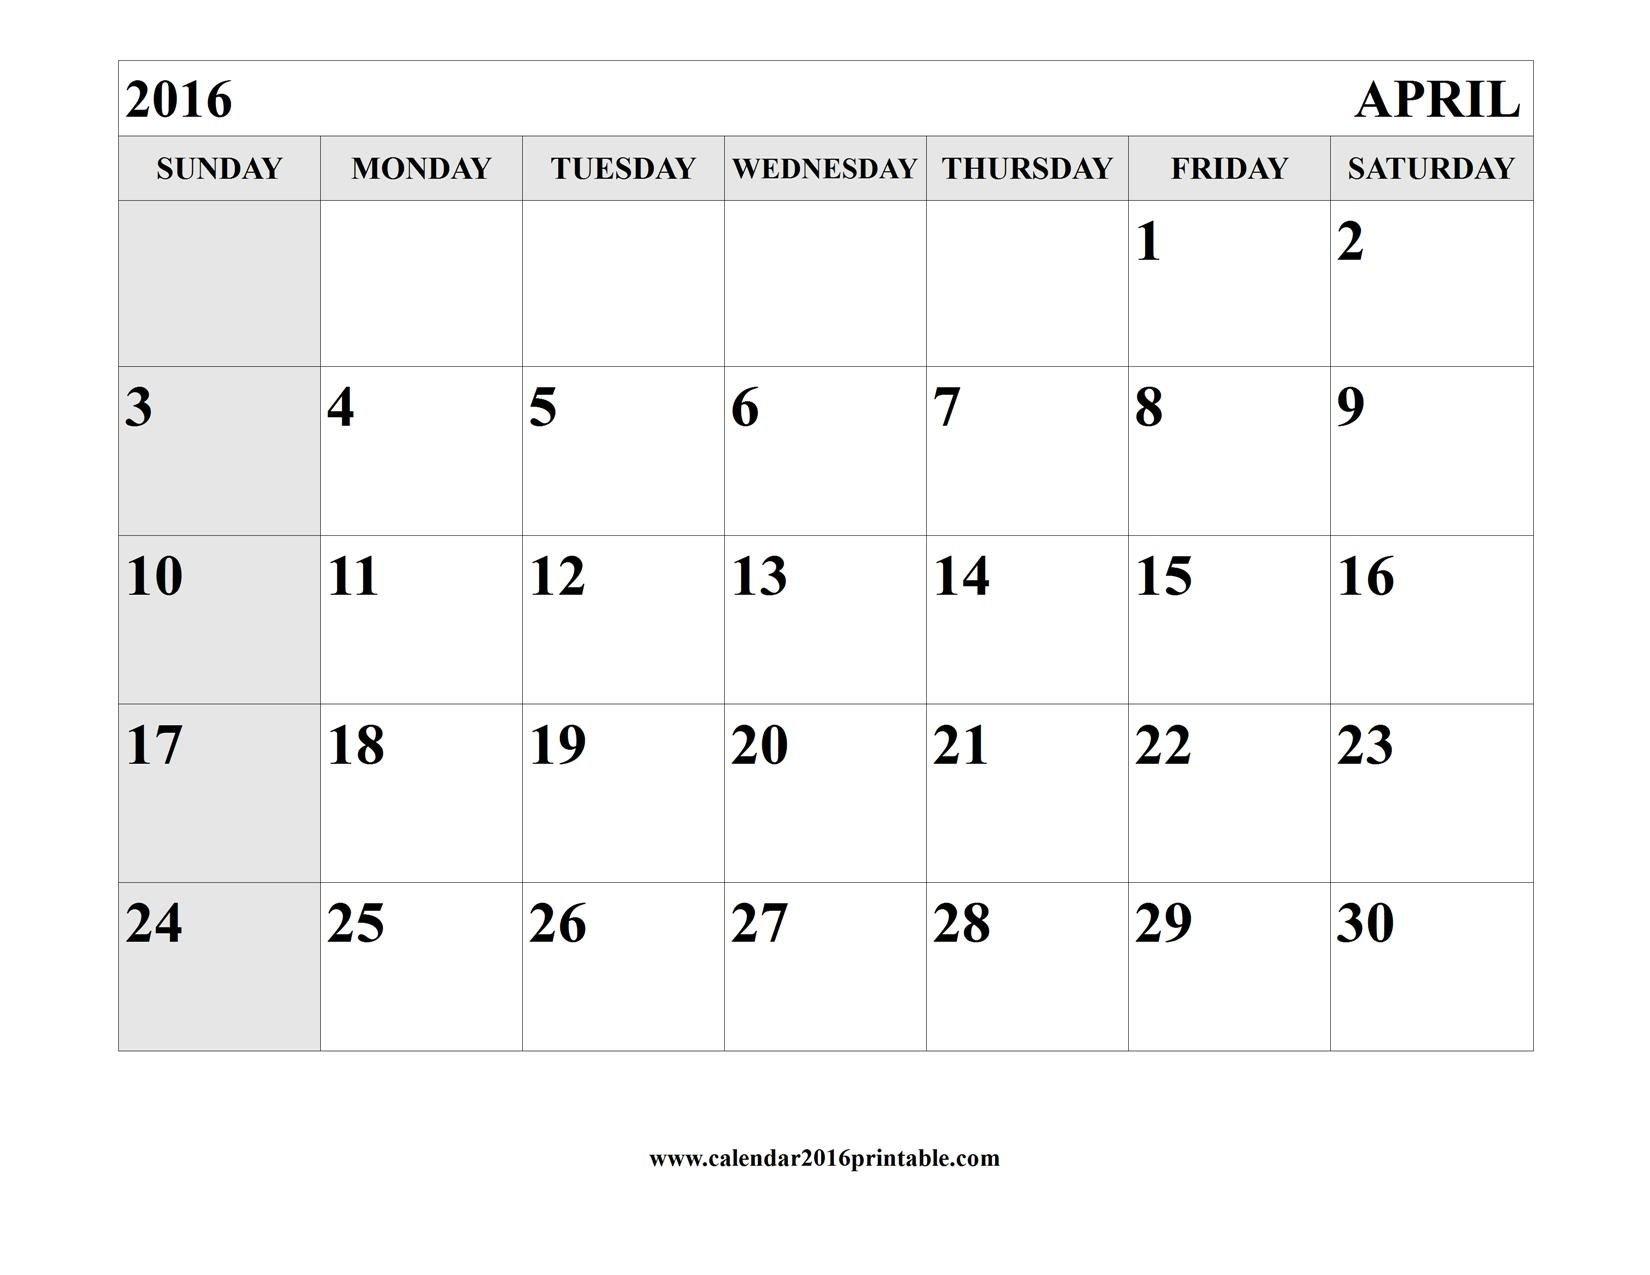 April 2016 Calendar Printable Template   Calendar Template Calendars You Can Edit And Print